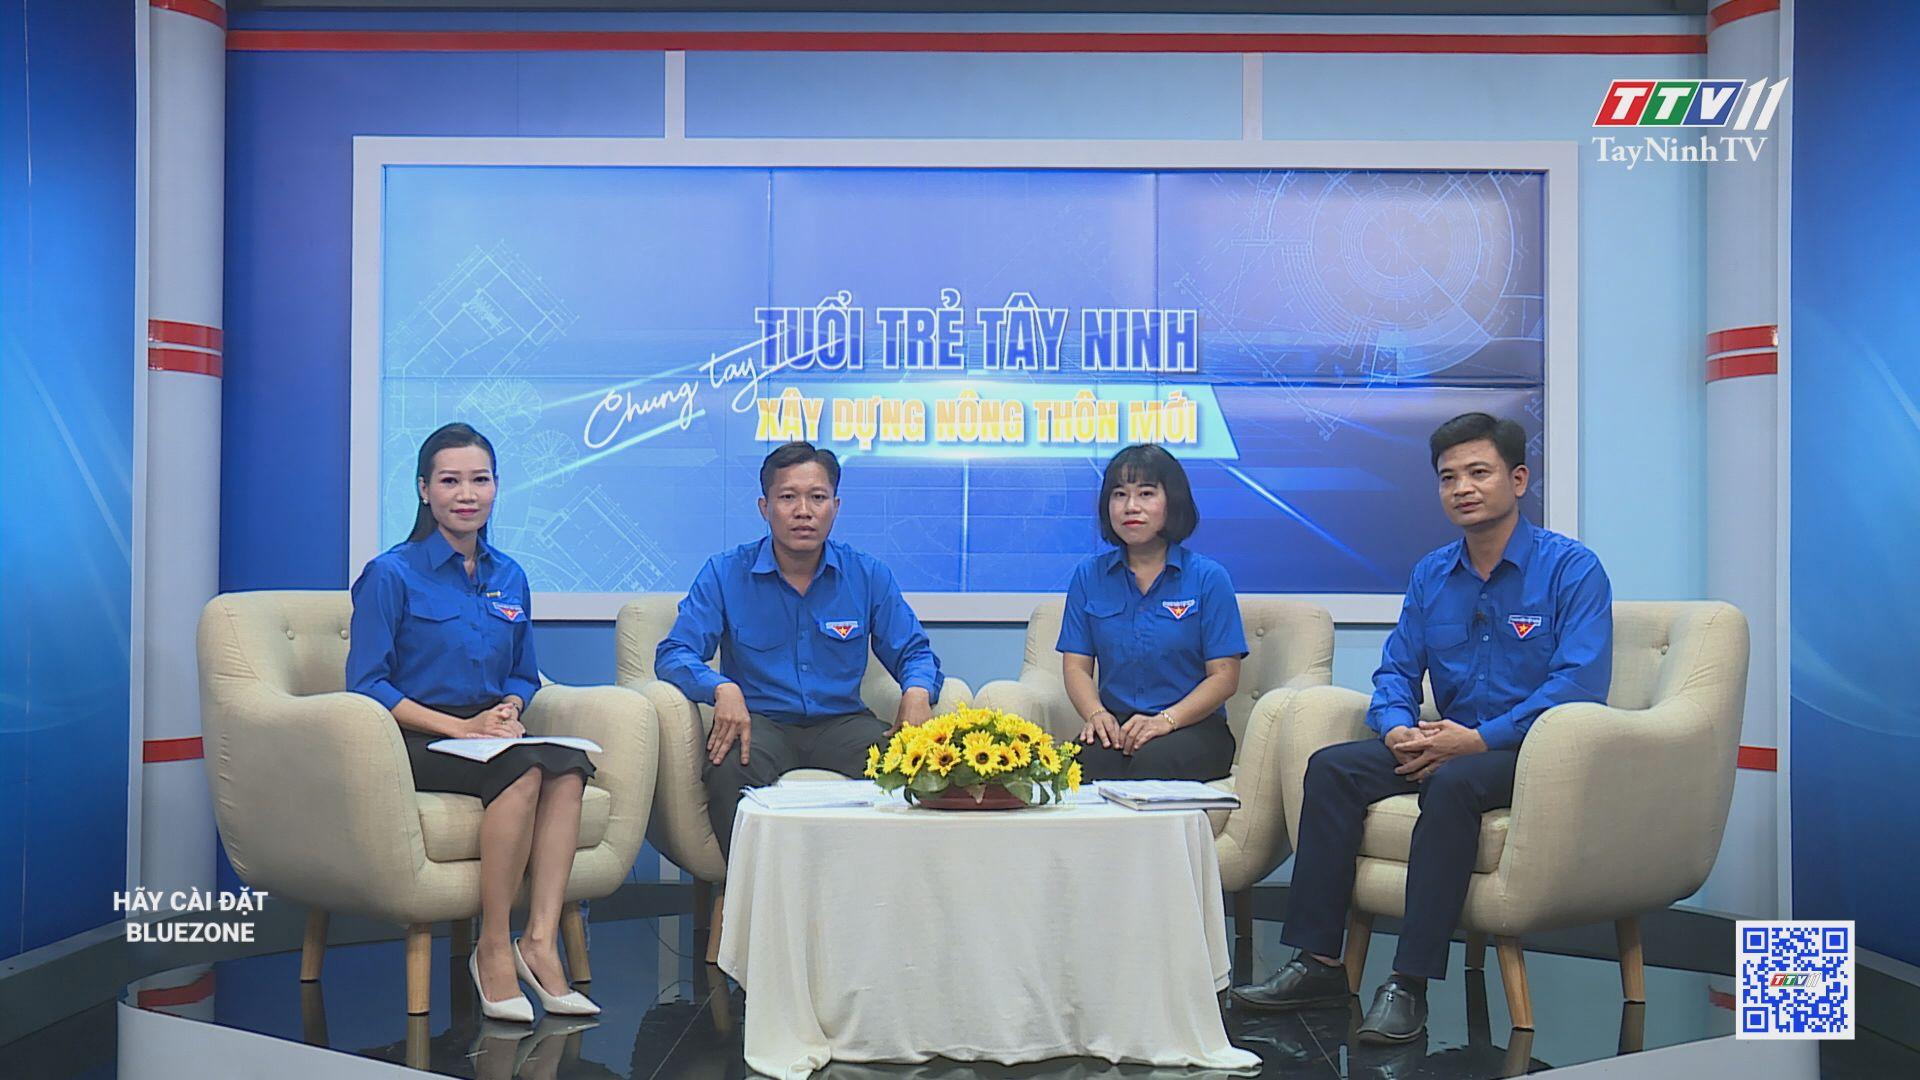 Tuổi trẻ Tây Ninh chung tay xây dựng nông thôn mới | TayNinhTV